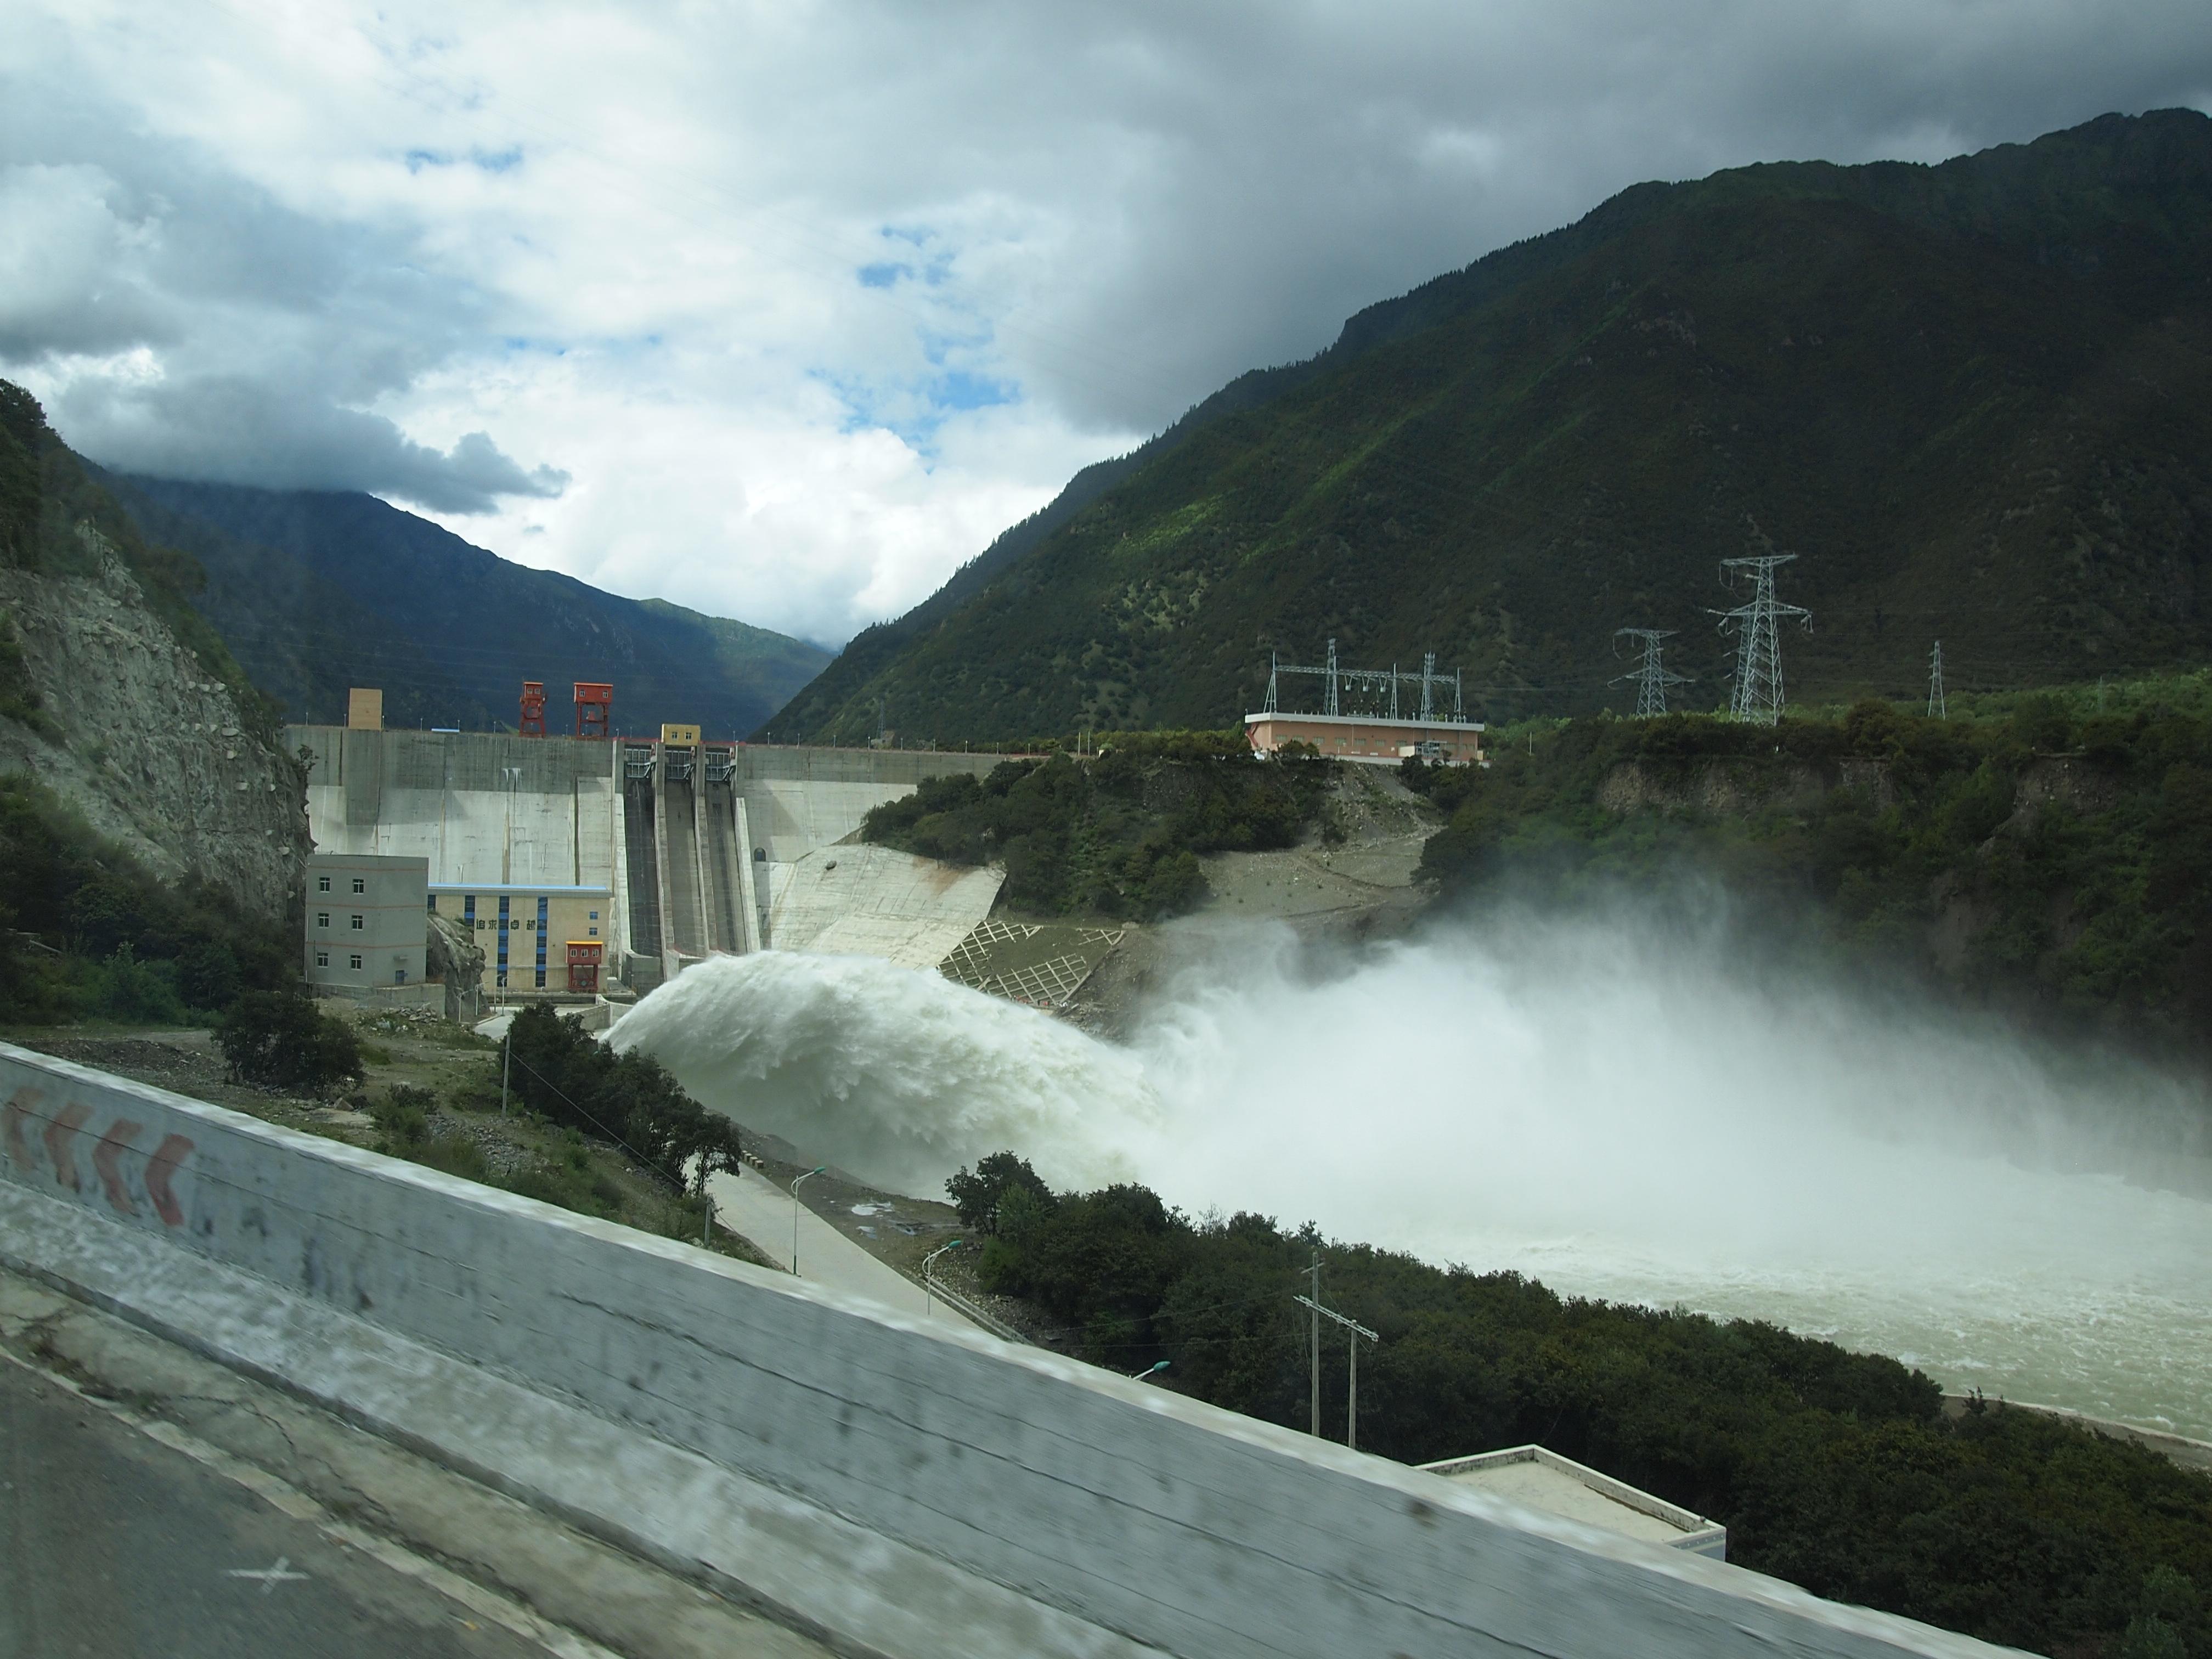 四川雅安周公河流域小水电整改:已拆3关17